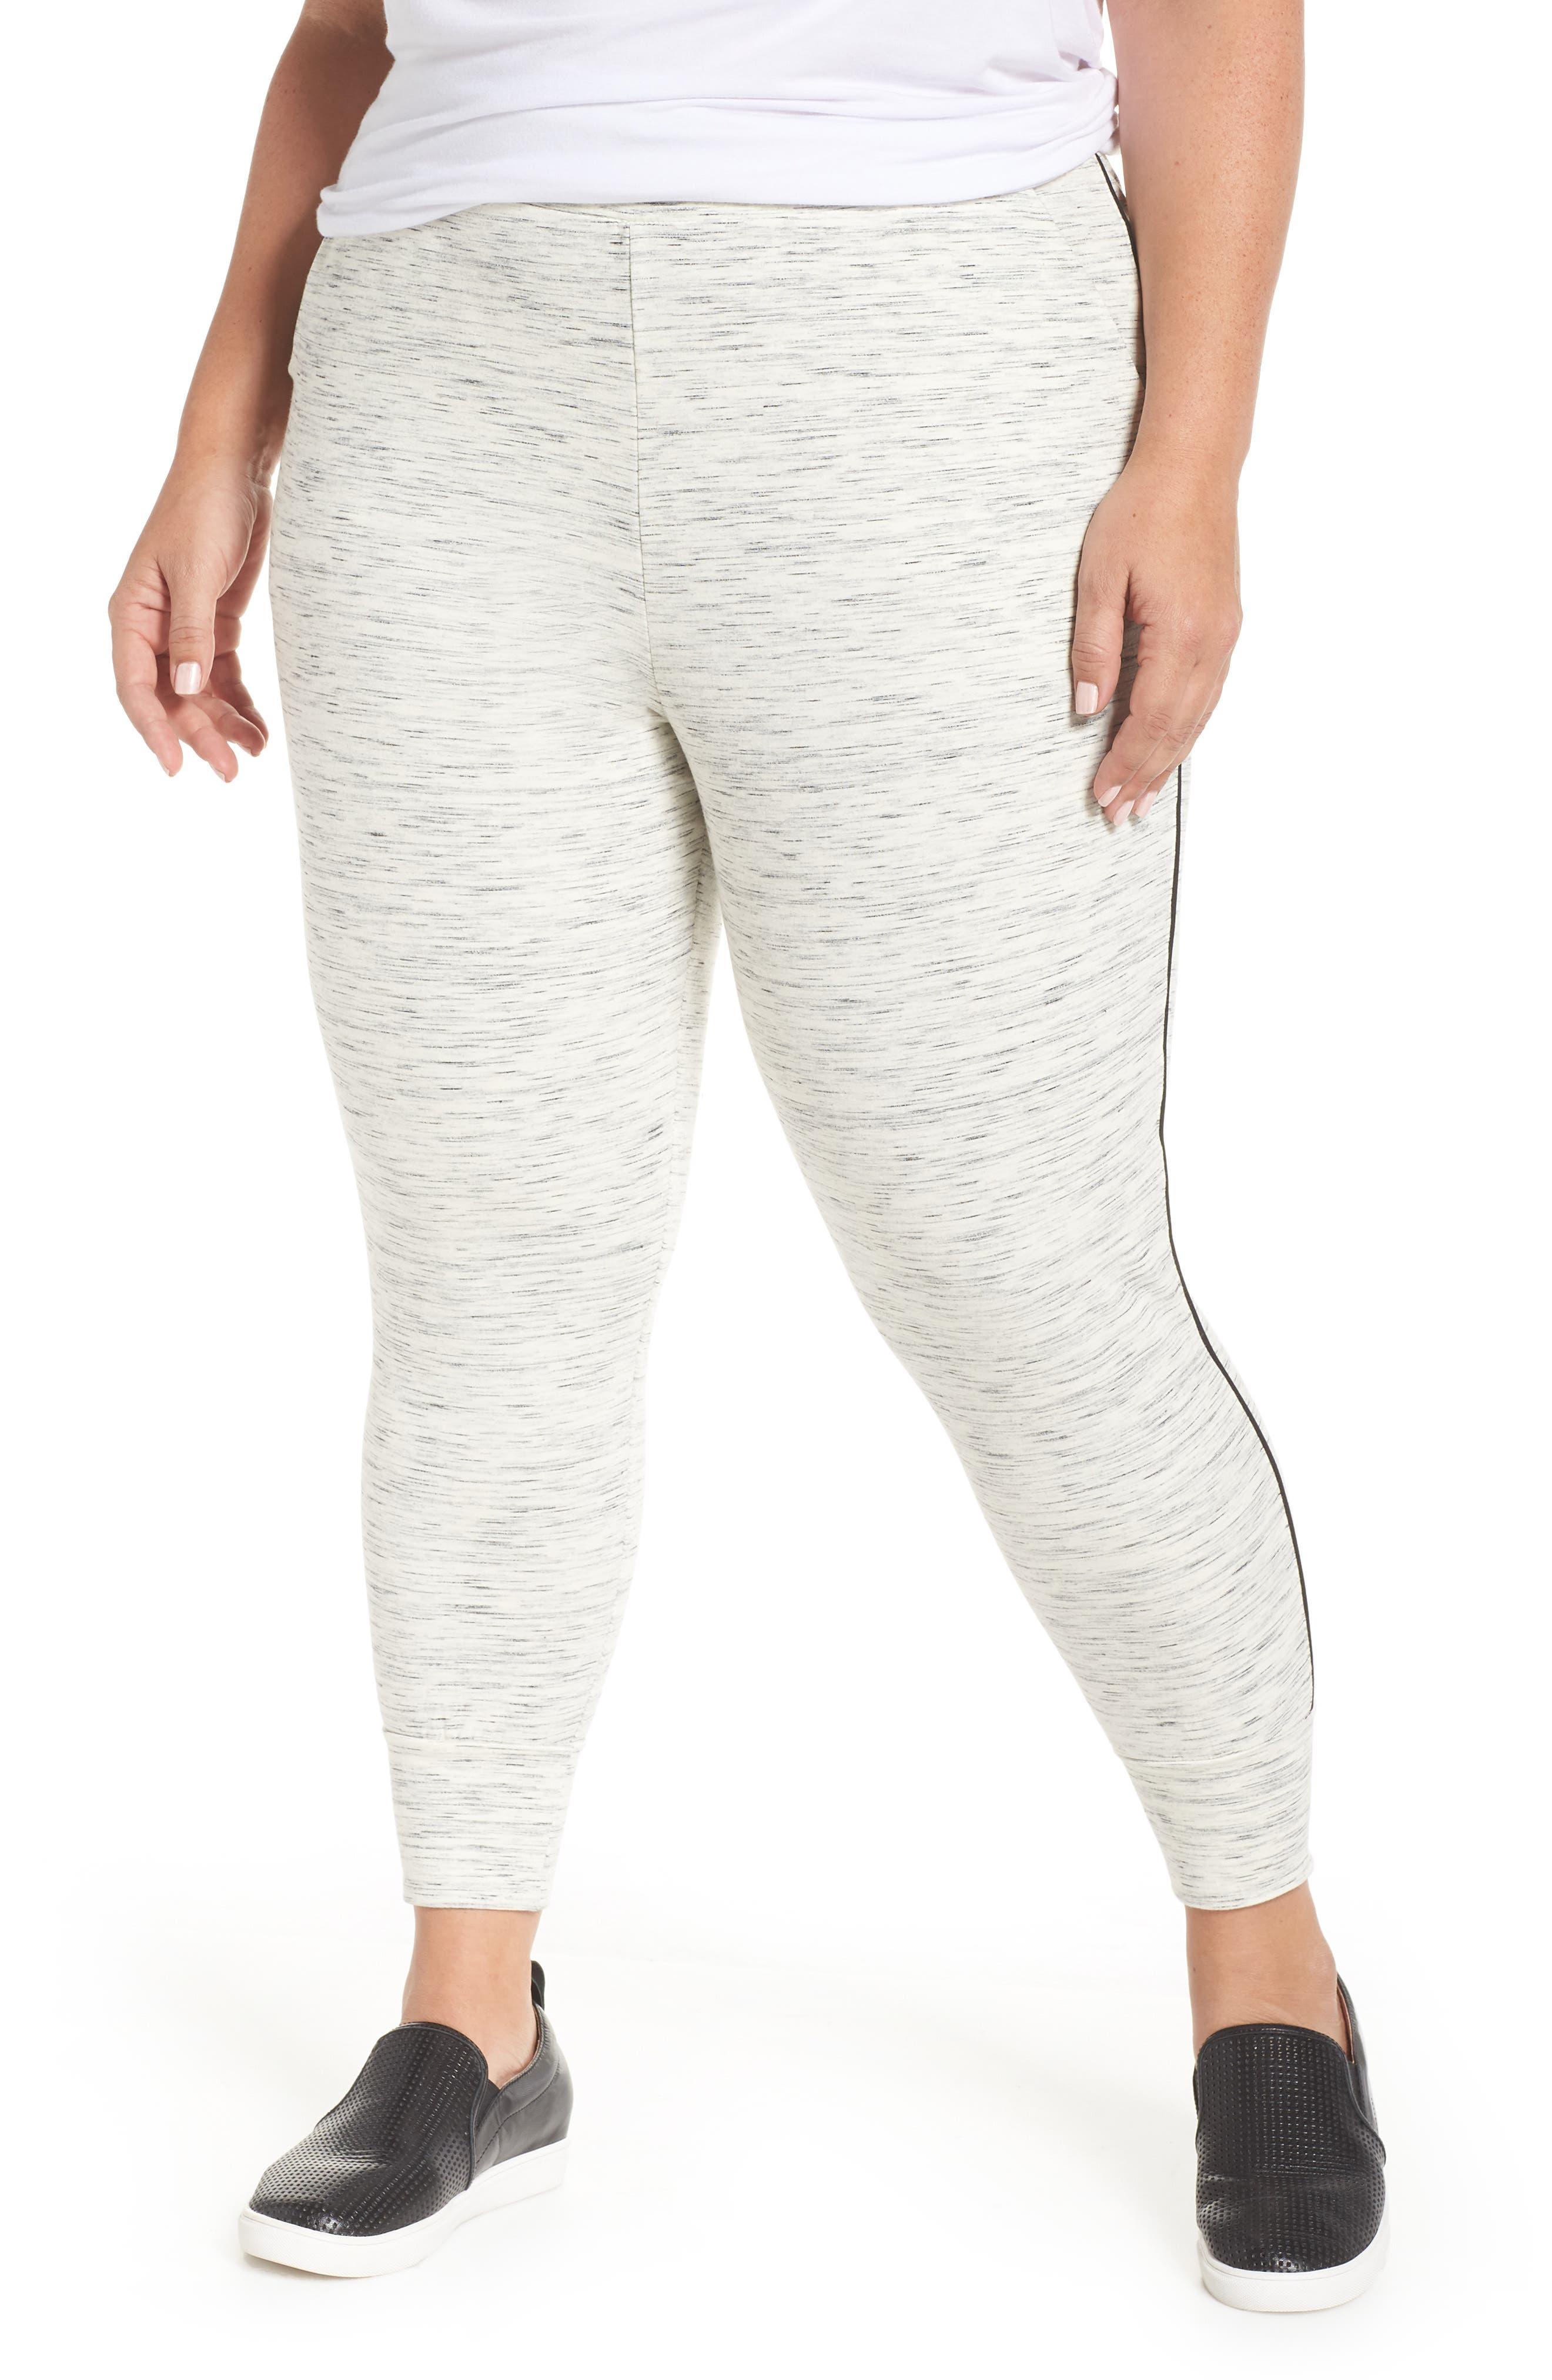 TART Catie Pants in Ivory Grey Space Dye